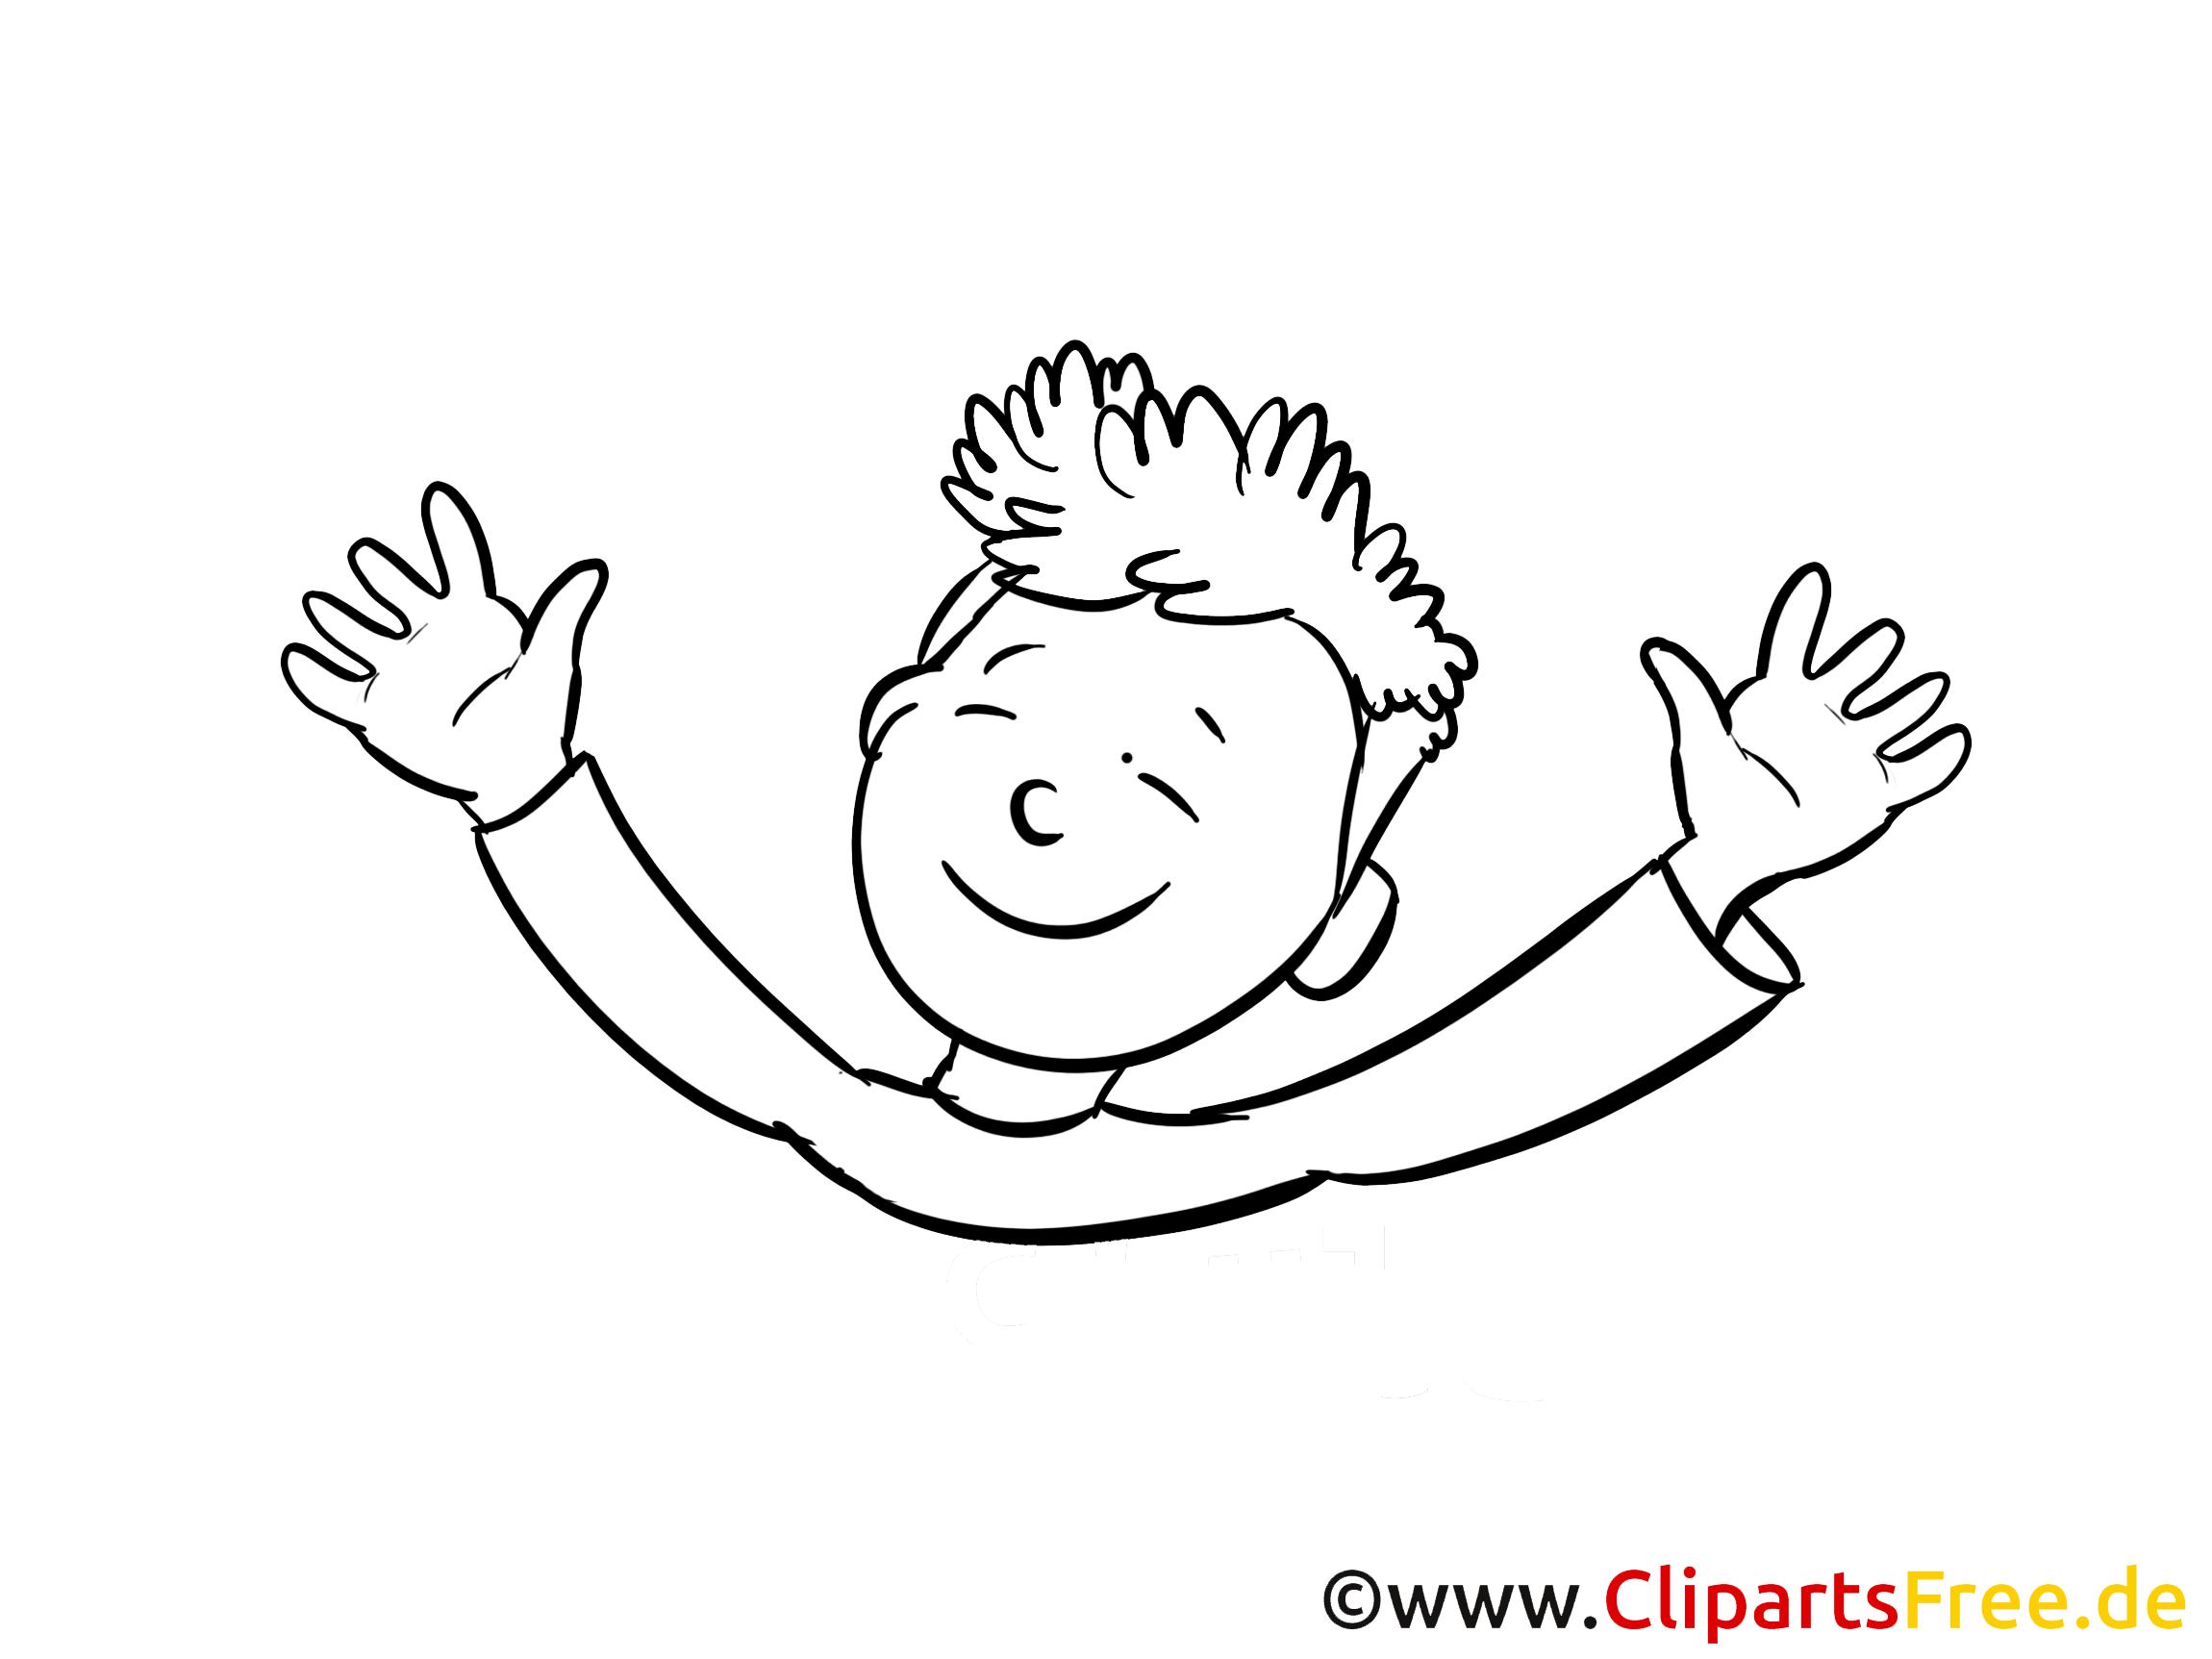 Garçon dessin – Élémentaire gratuits à imprimer